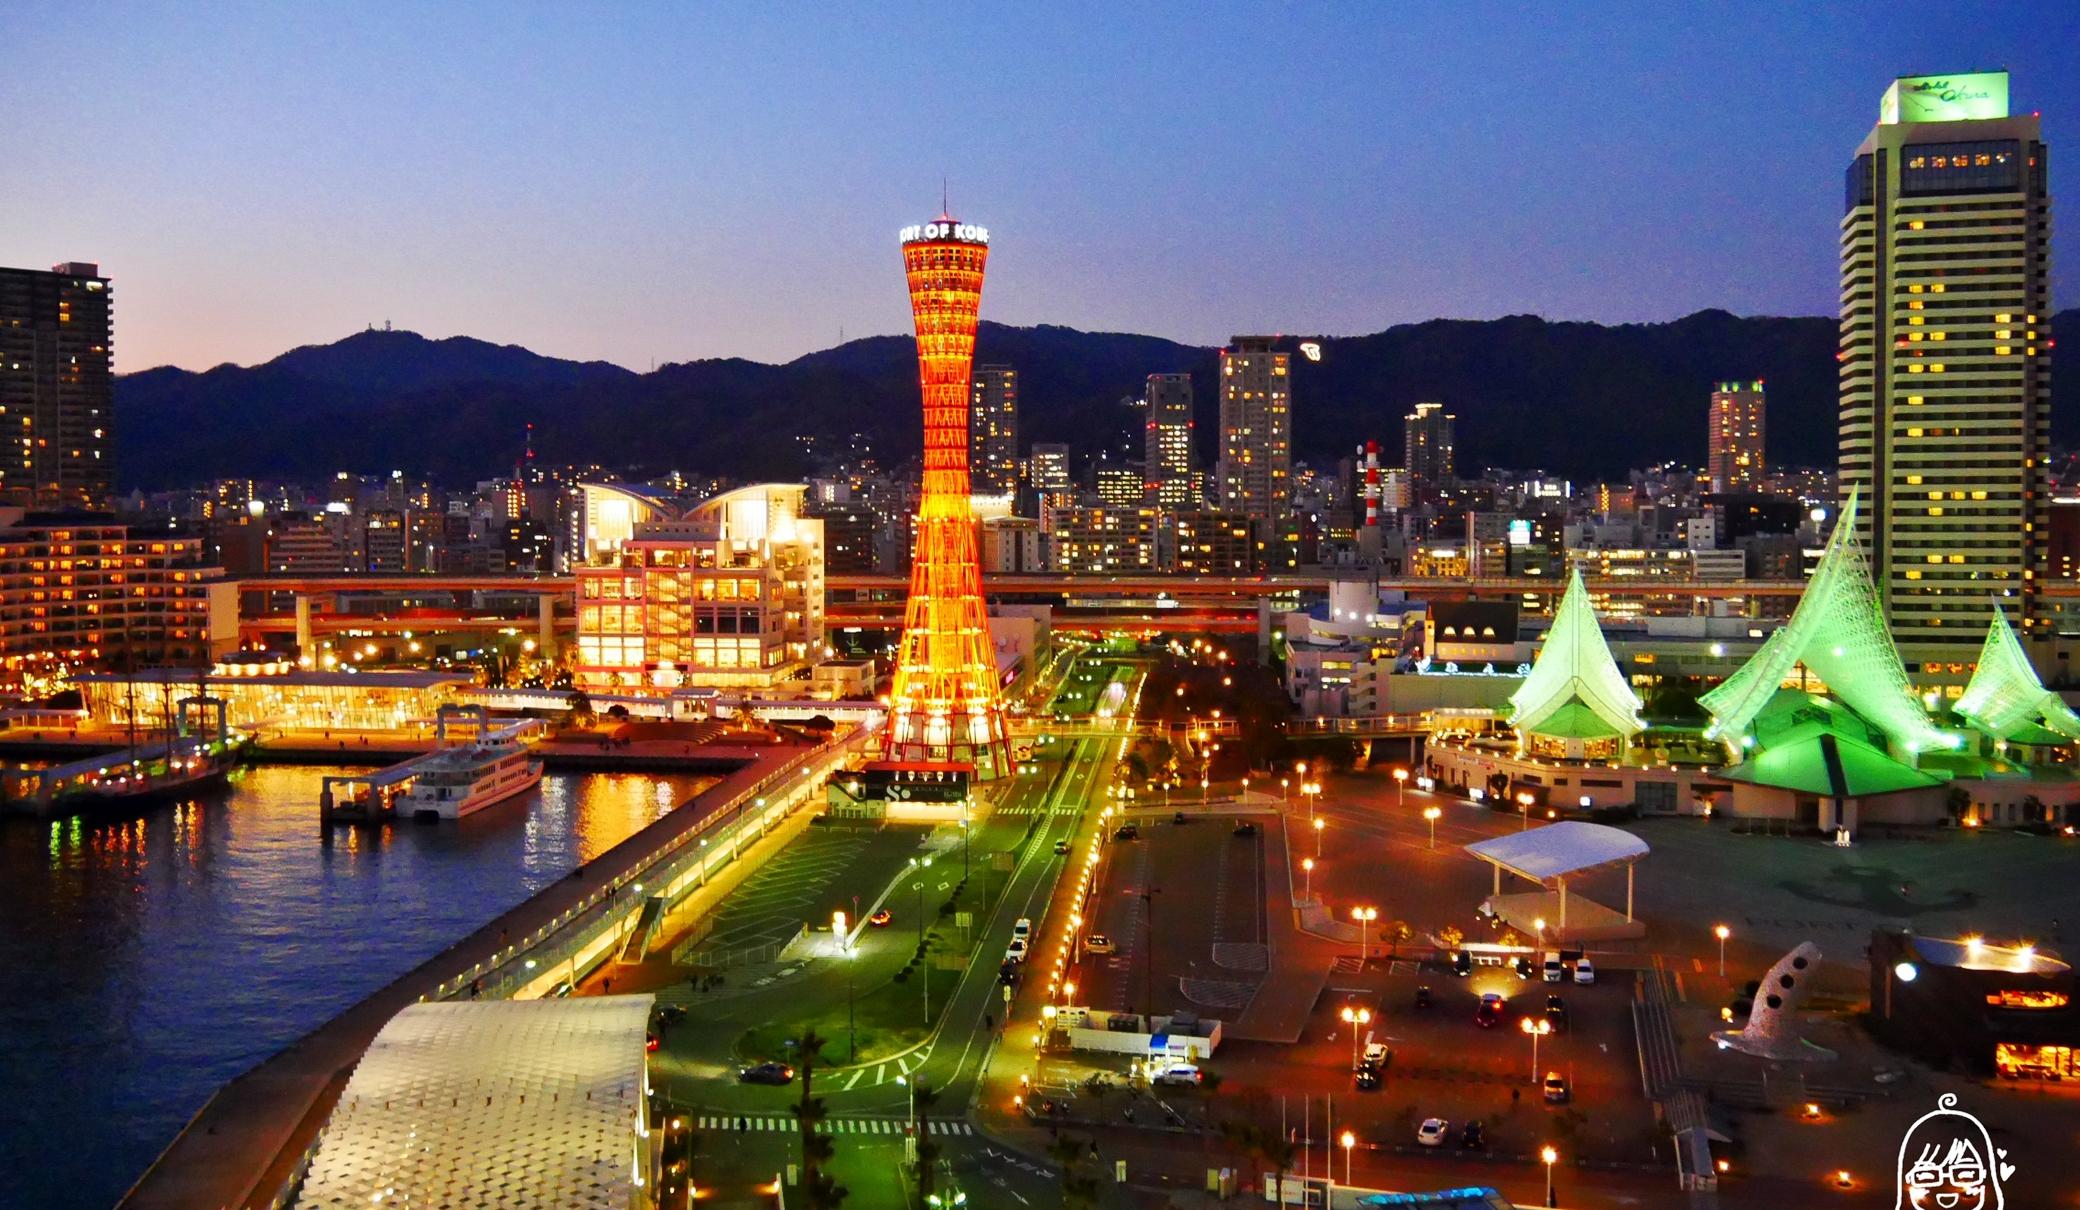 『日本。神戶』 美利堅公園東方大酒店 Kobe Meriken Park Oriental Hotel|坐擁神戶港夜景,海上帆船大飯店好威。 海景第一排CP值超高的五星級酒店,提供免費接駁車來回三宮站。